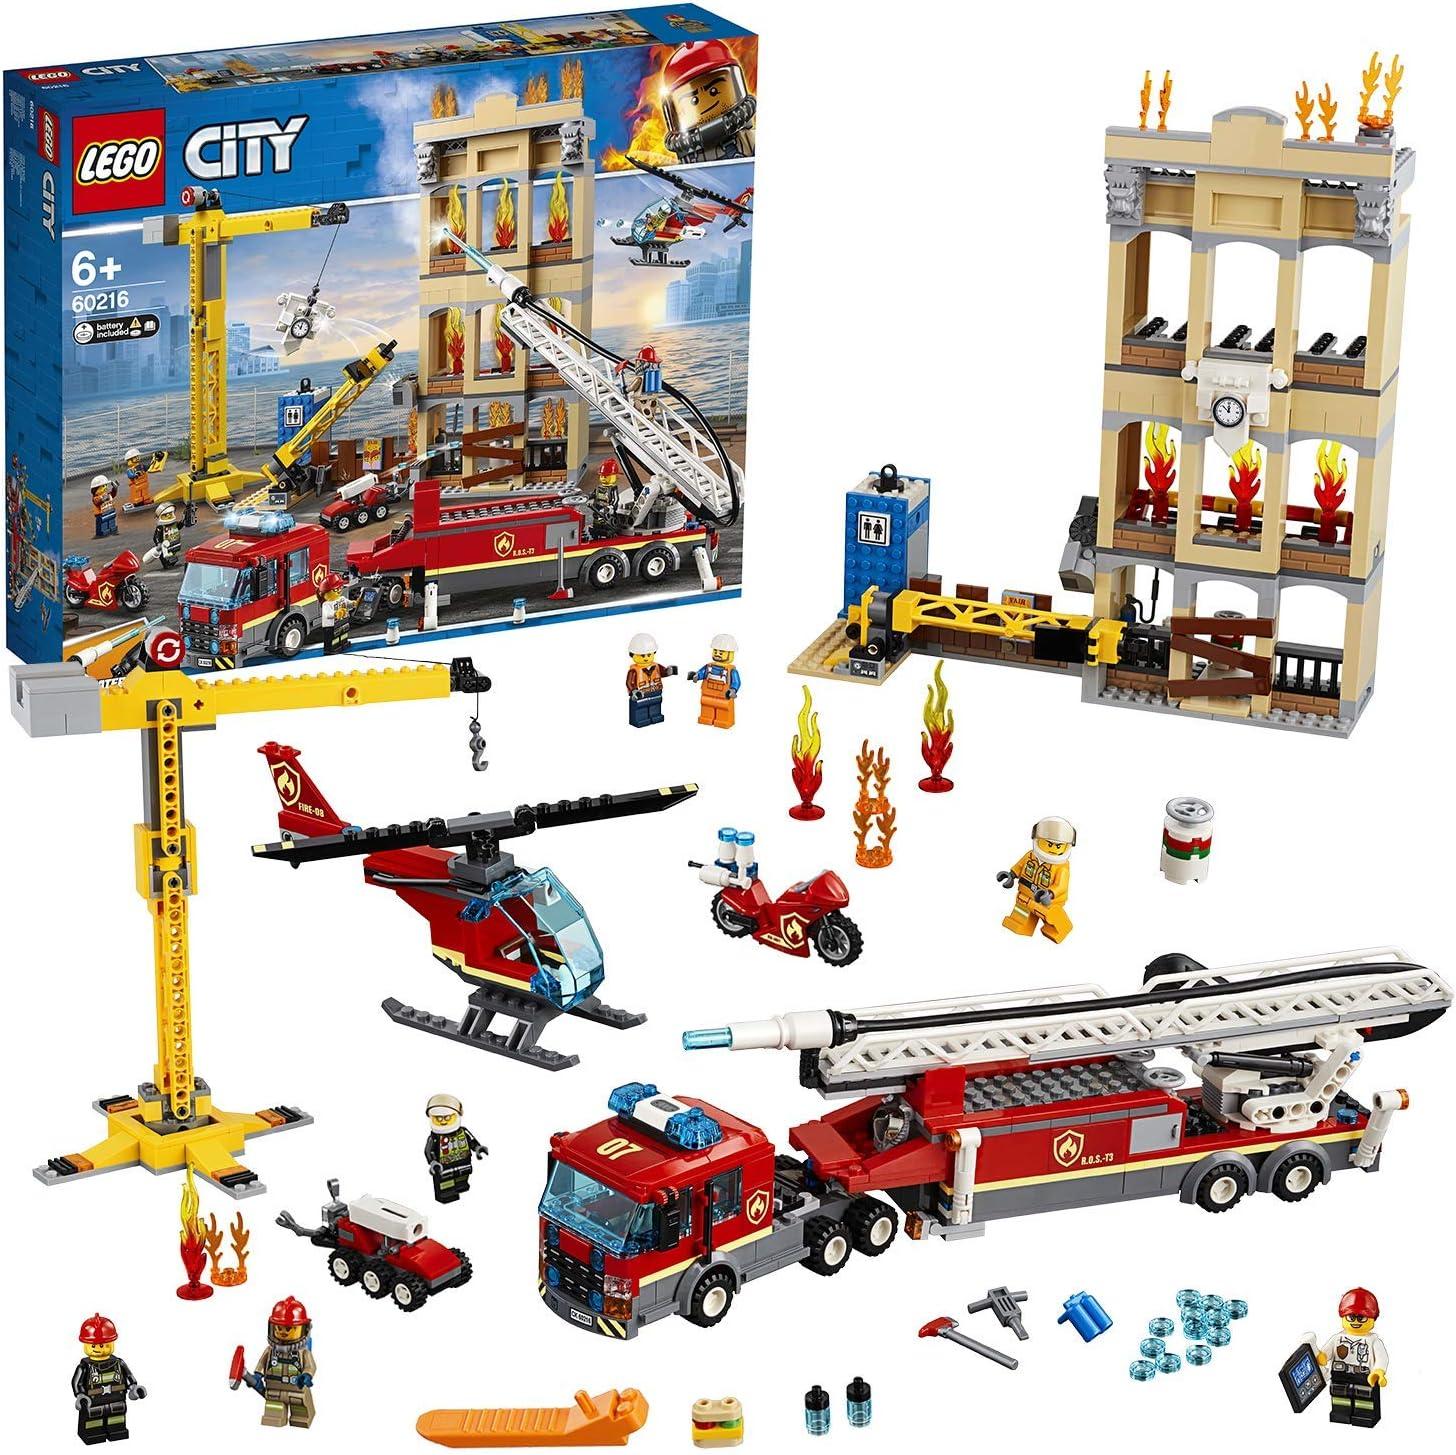 LEGO City - Fire Brigada Distrito Centro, Juguete Divertido y Creativo de Bomberos con Camión, Grúa, Edificio, Moto y Helicóptero (60216): LEGO: Amazon.es: Juguetes y juegos